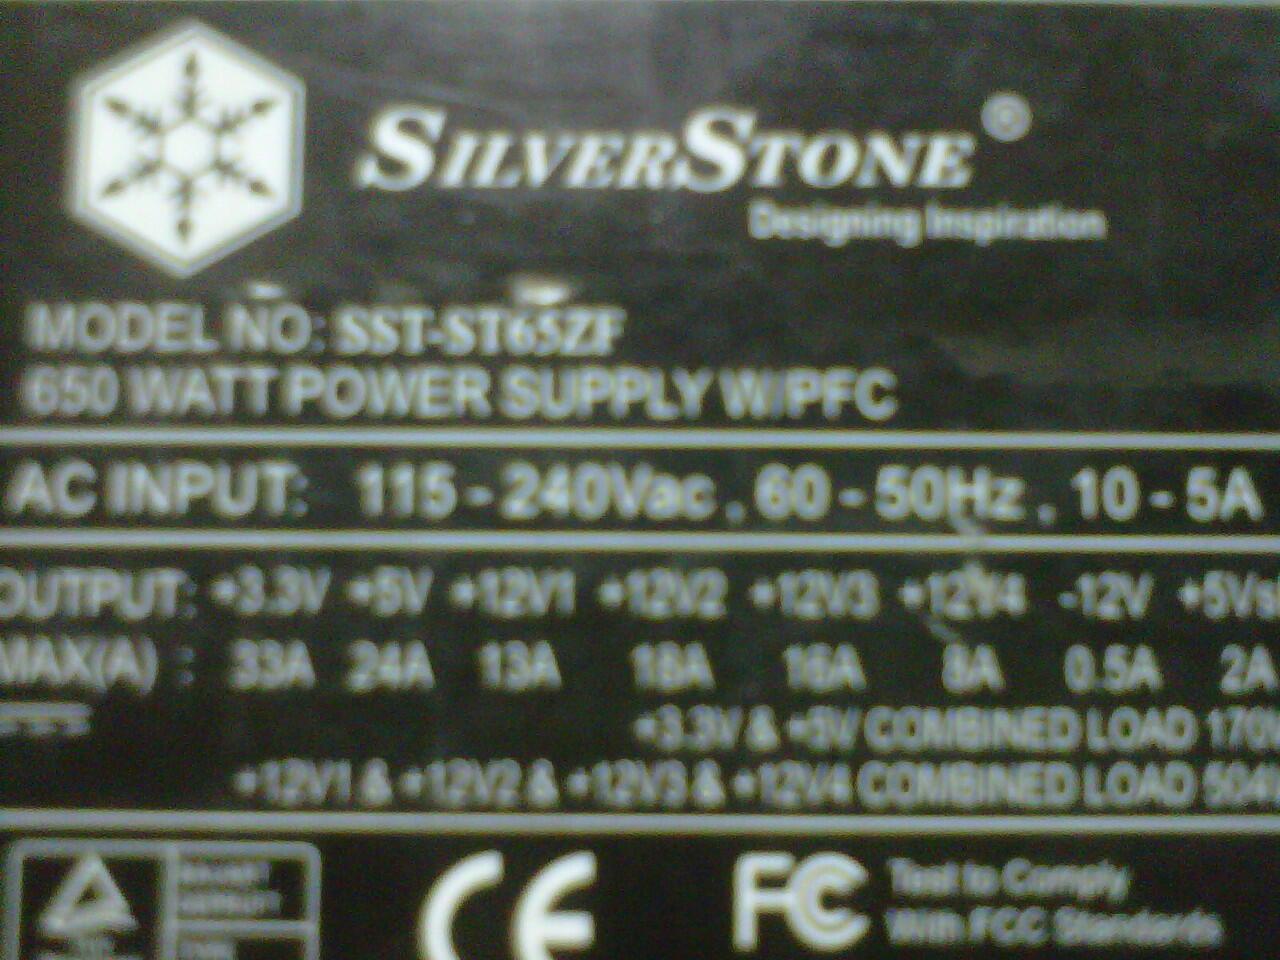 SILVERSTONE 650WATT